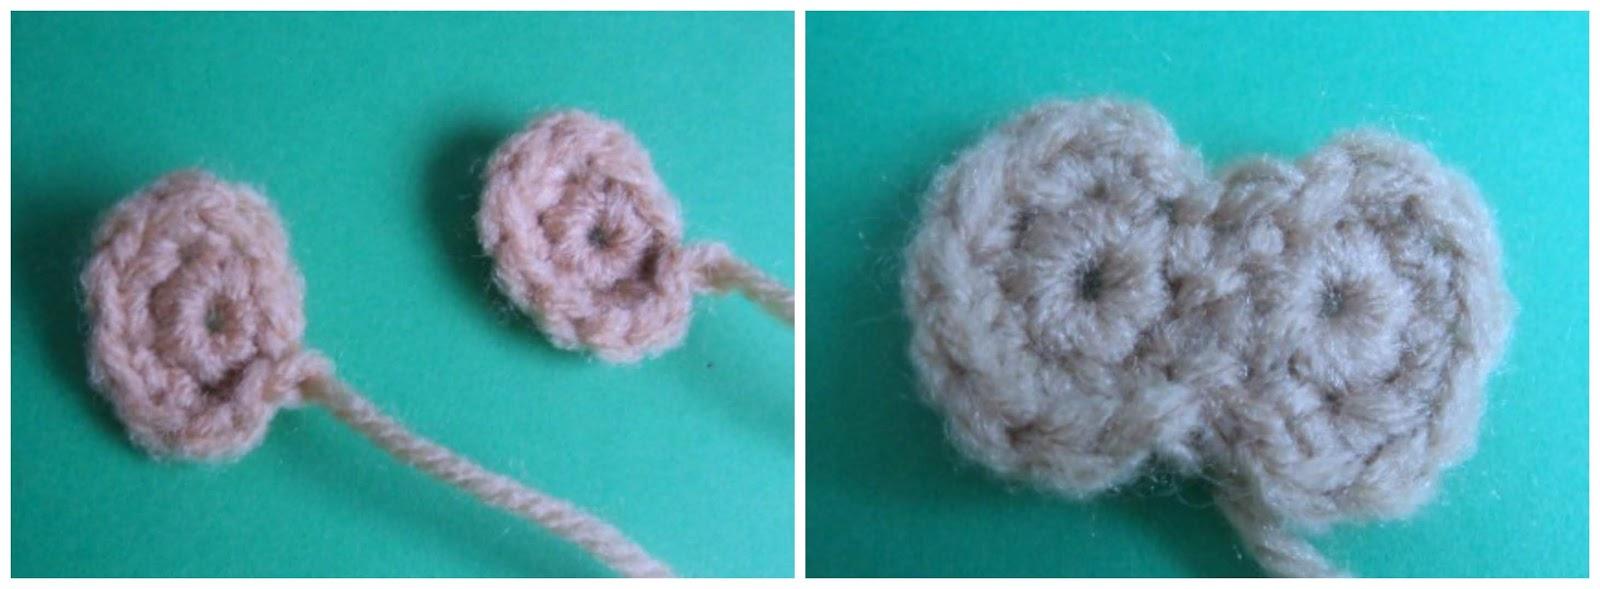 Mike the Monkey Amigurumi Crochet pdf Pattern EN DK & NL | AMIGURUMI |  Amigurumi y Puertas | 589x1600